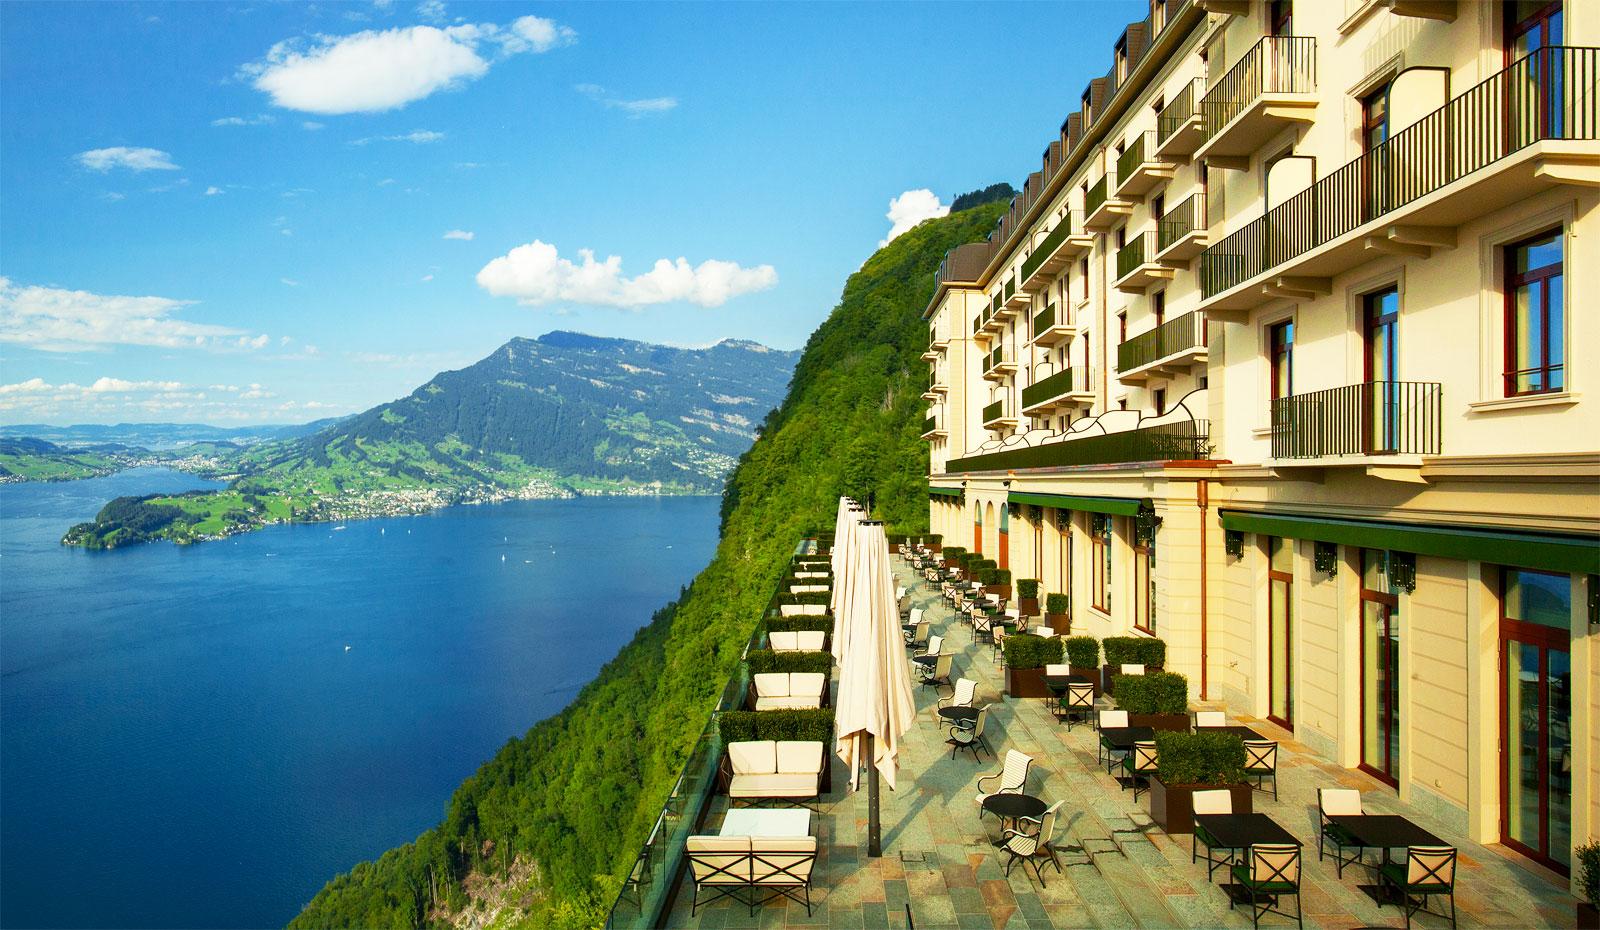 Bürgenstock Hotels & Resort - A Discreet Luxury Mountain Hideaway 7